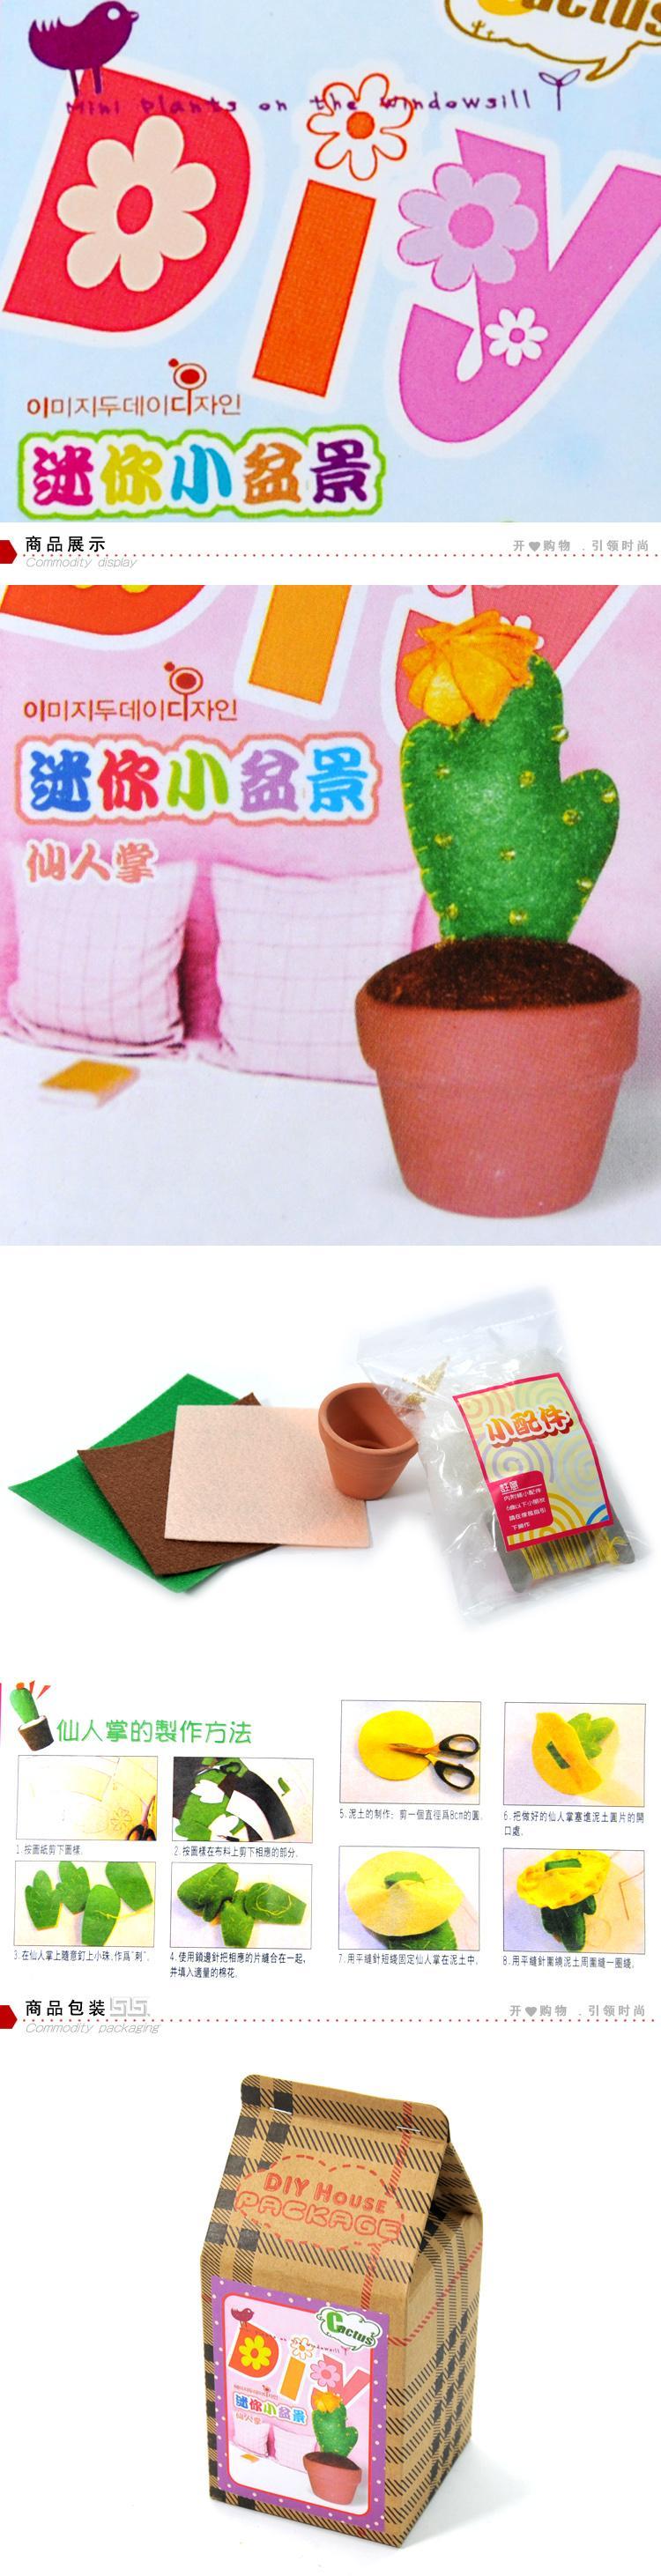 """材料包内含材料:所需的布、线、针、PP棉及制作说明书等所有制作一个DIY所需要的材料~~~ 说明书包括制作说明、制作纸型图 说明:本材料包括制作图中DIY的全部材料,不需要手工基础即可制作,可以居家摆设,或放在工作间,漂亮又实用哦~~~ """"永不凋谢的布艺盆景"""""""